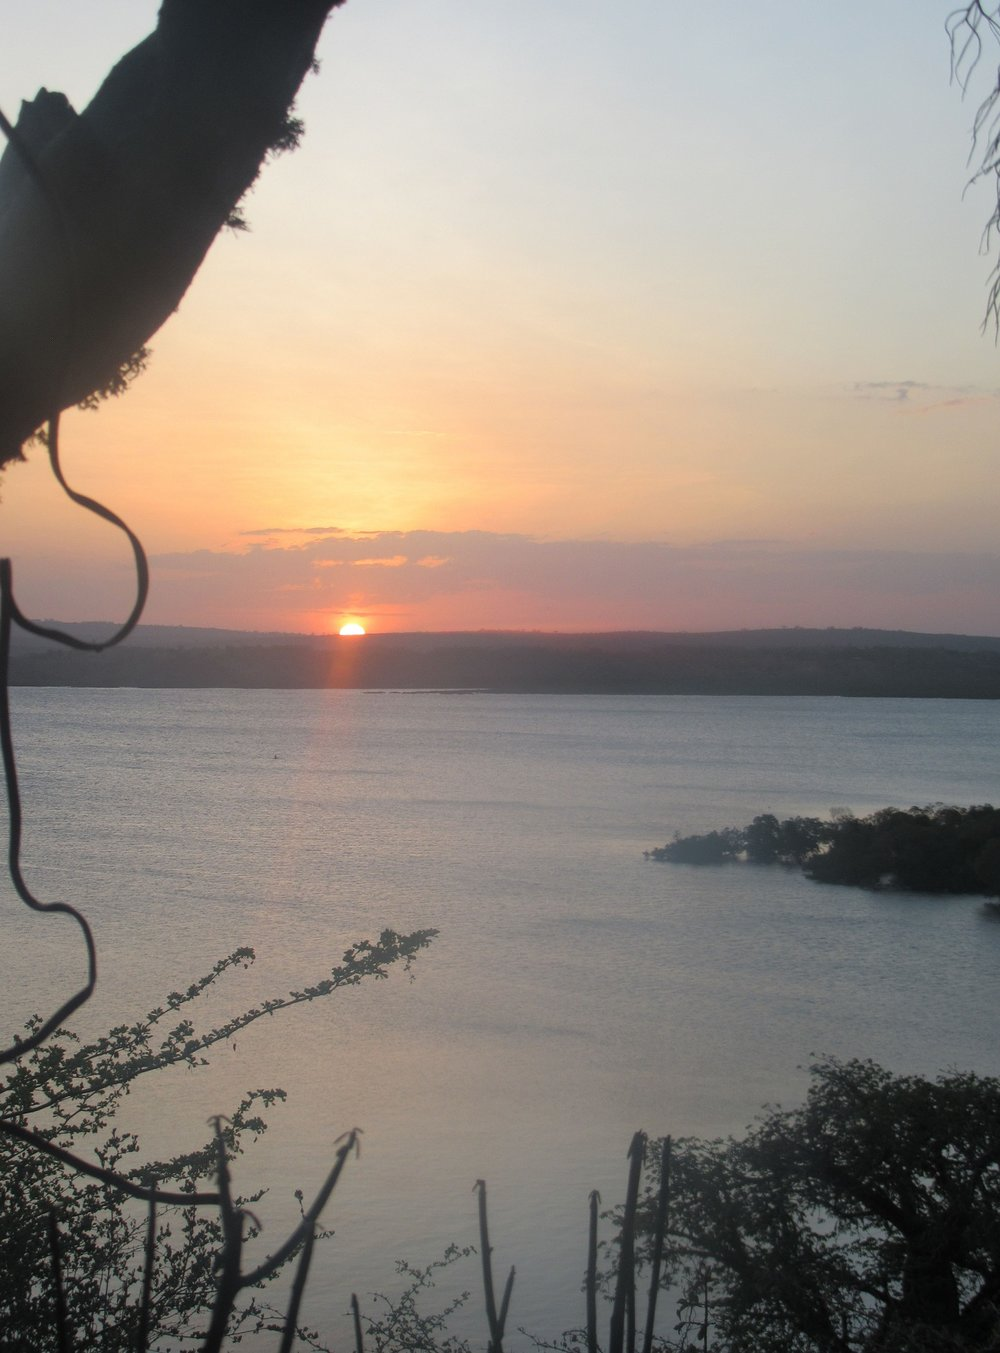 sunset_giriama_paradise_kilifi_ecolodge_frame_ambition.jpg